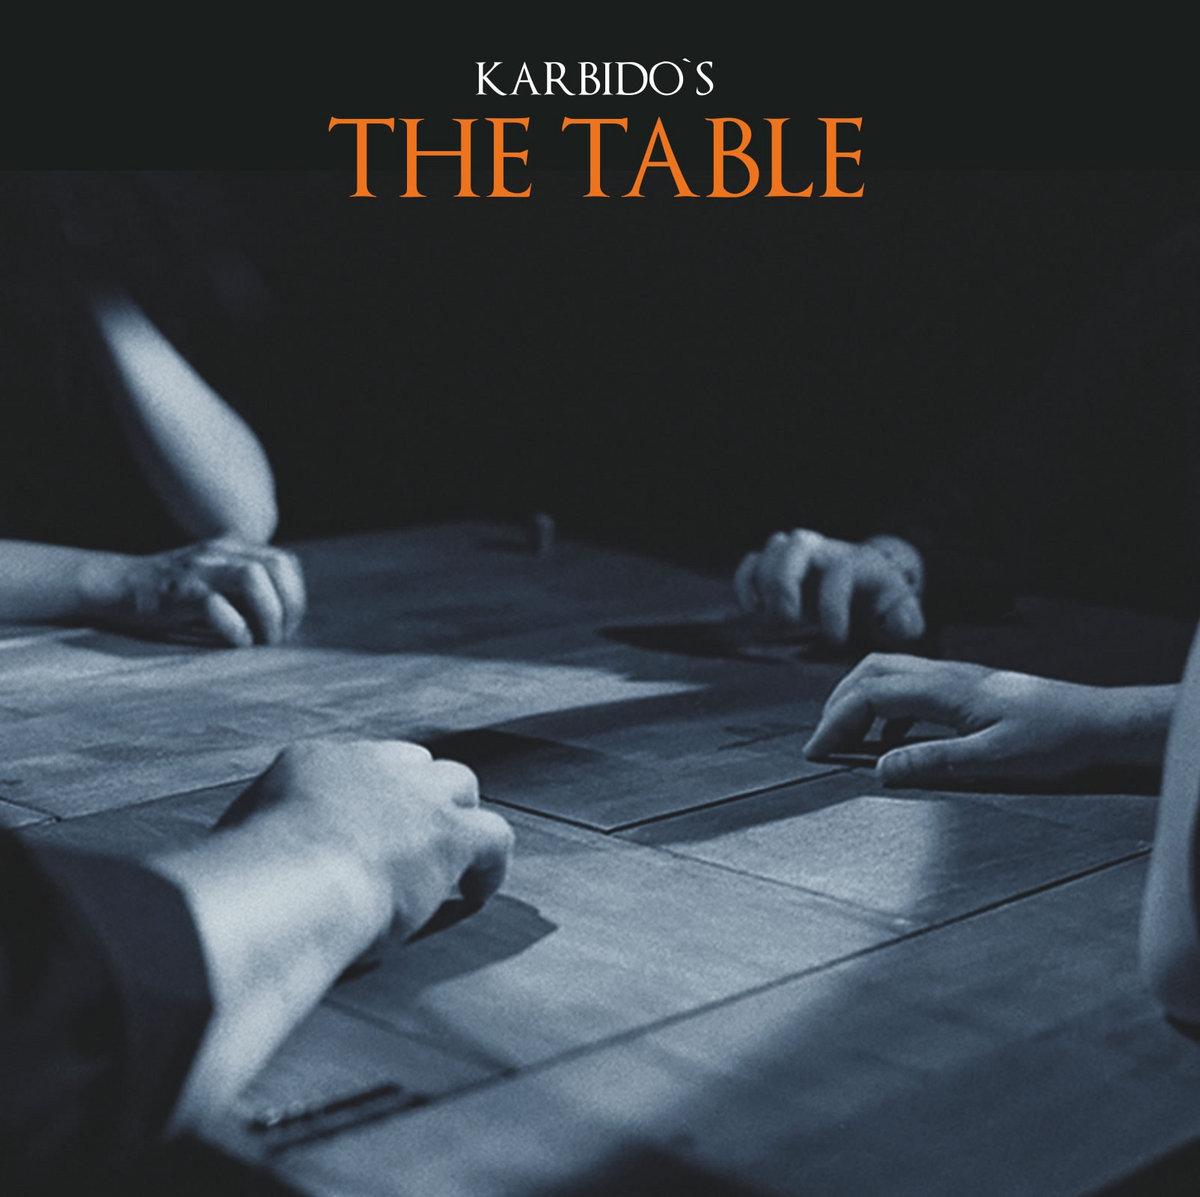 Karbido - The Table artwork